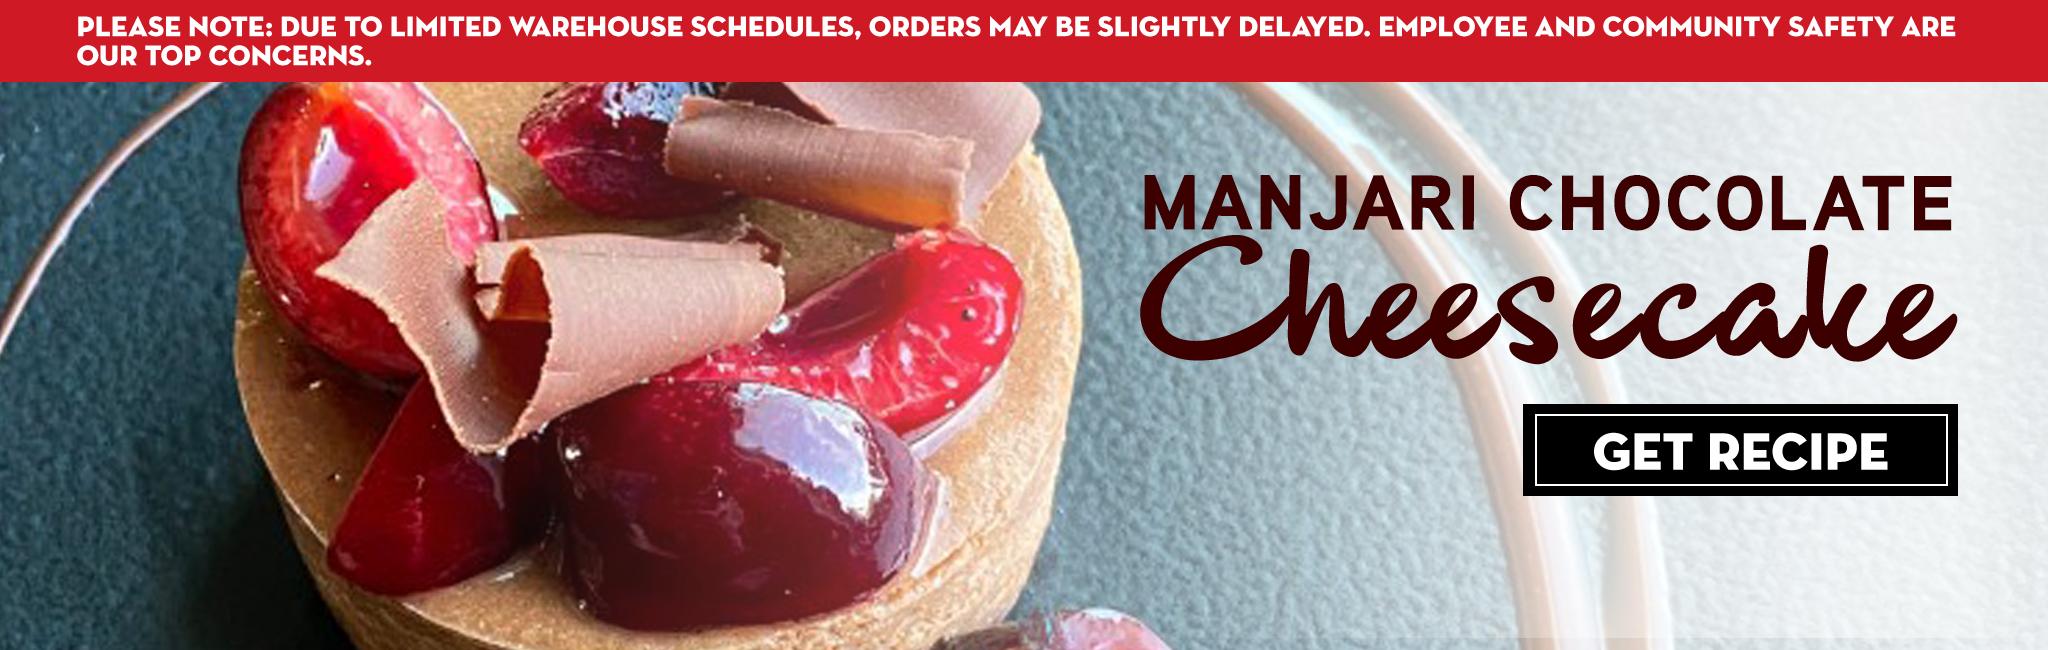 MANJARI CHOCOLATE CHEESECAKE RECIPE